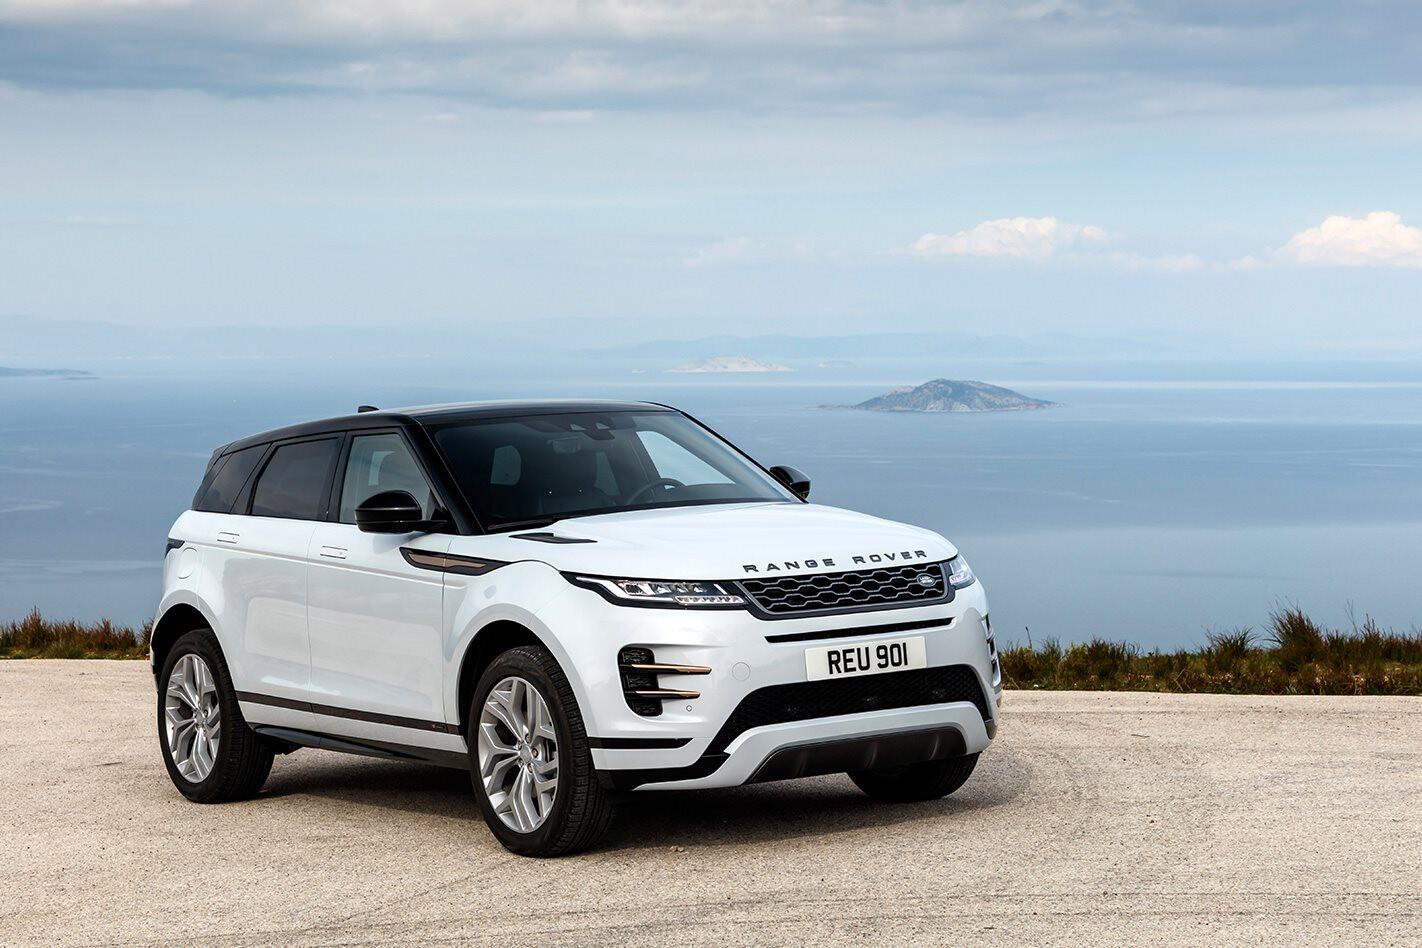 Range Rover Evoque Front Jpg